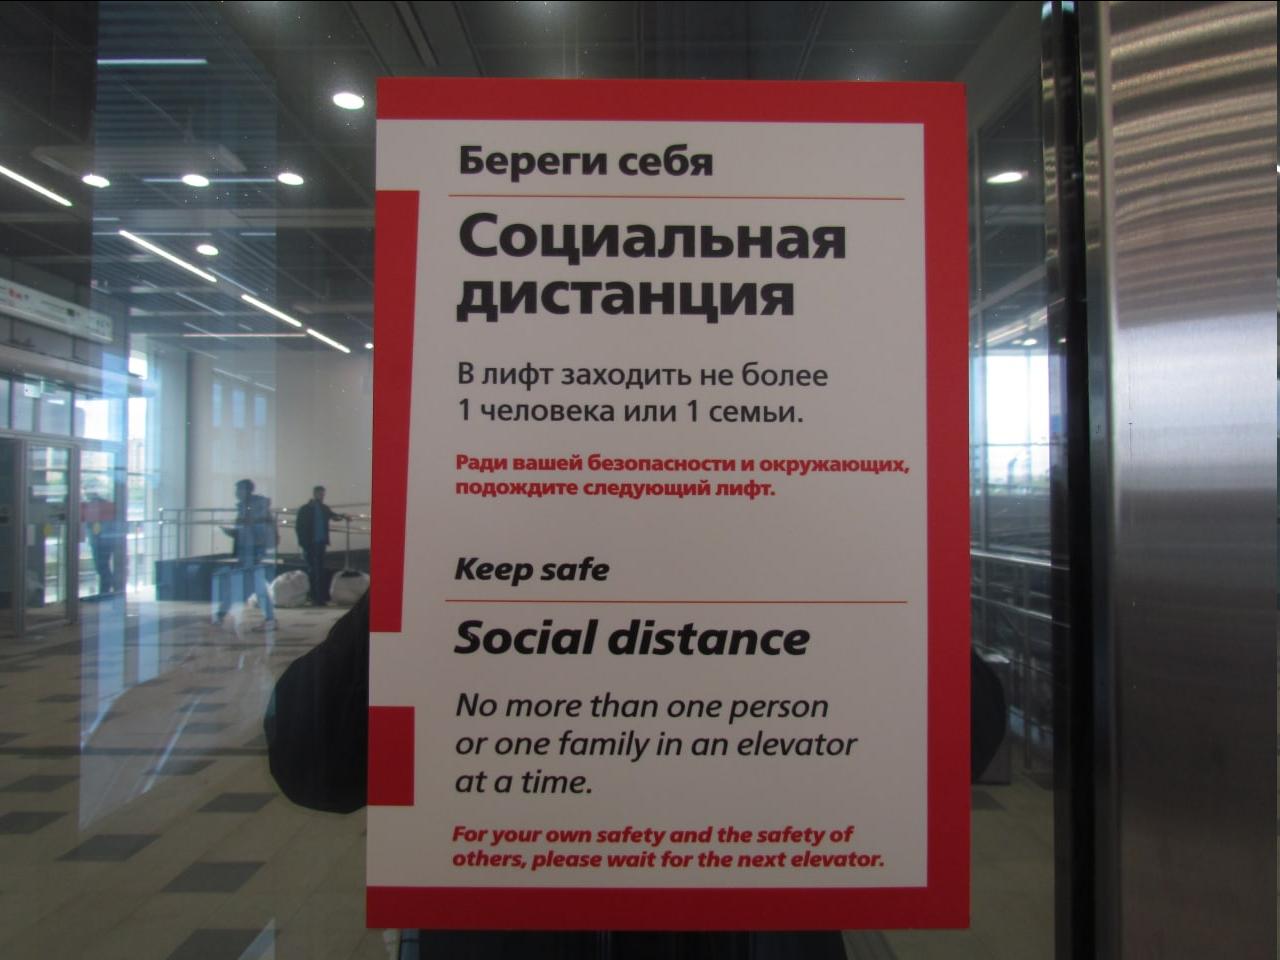 Проезд в лифтах разрешён только по одному.